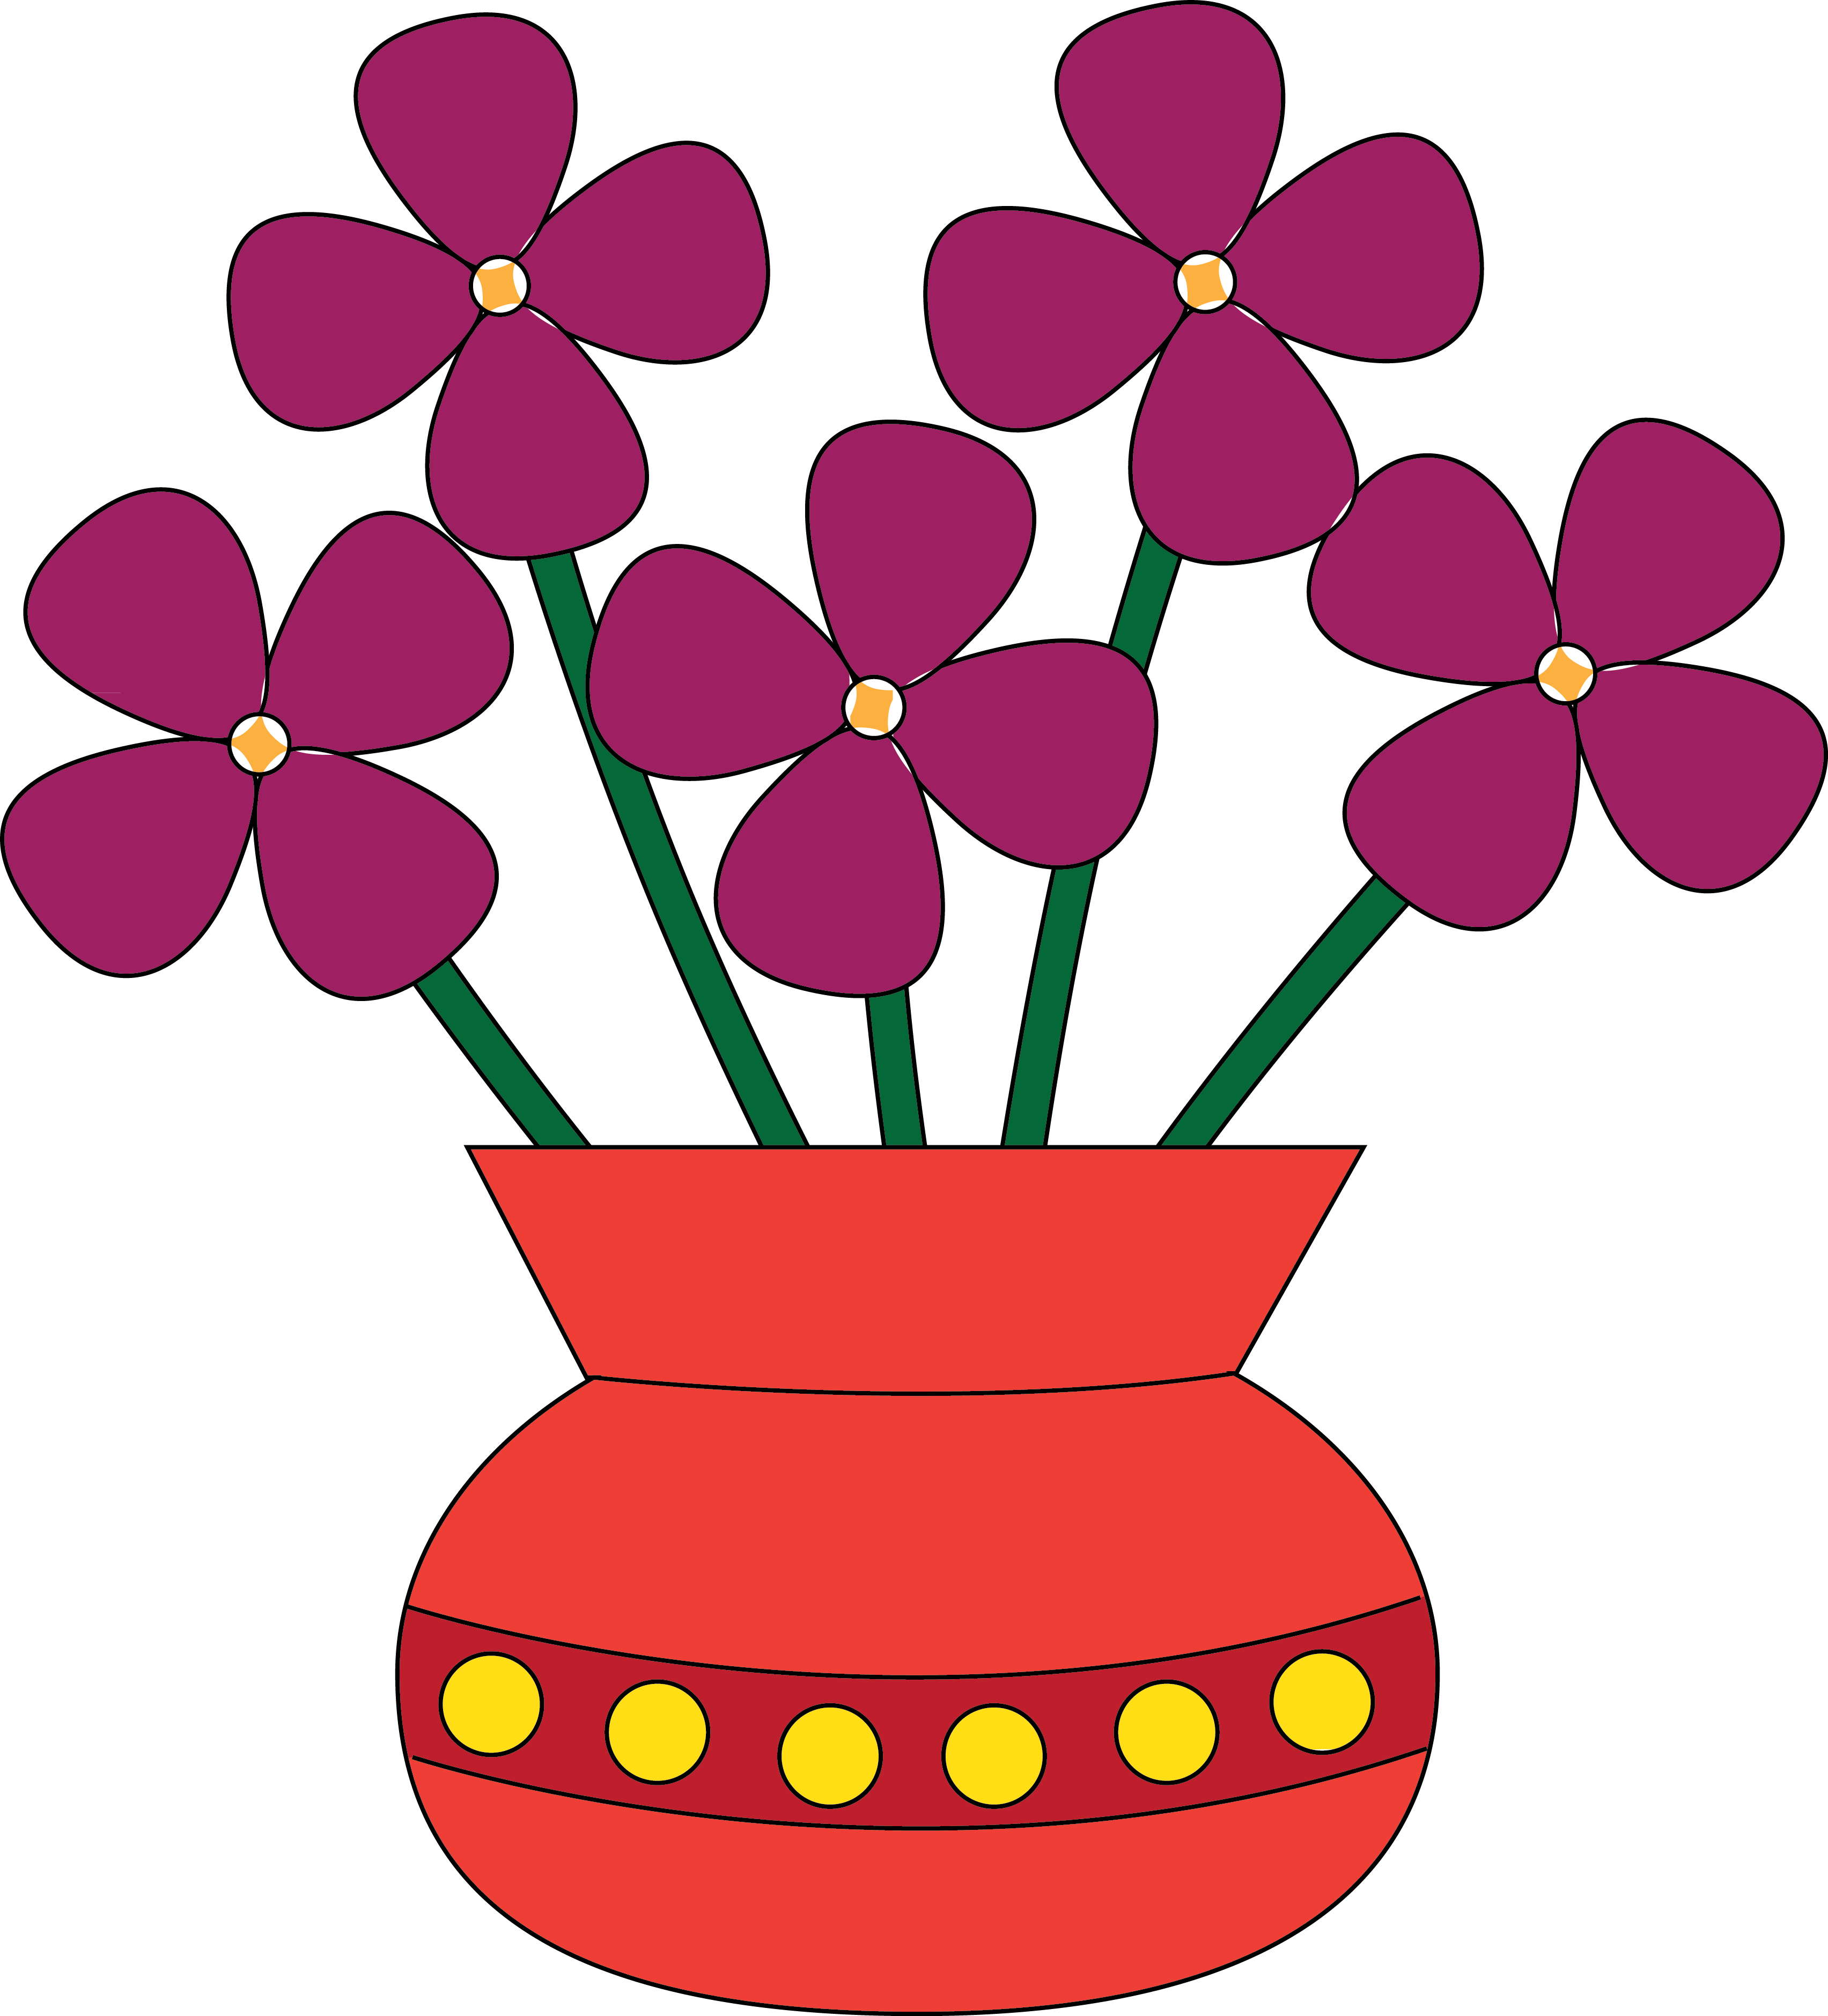 3408x3758 Colored Flower Vase Clip Art Clipart Panda